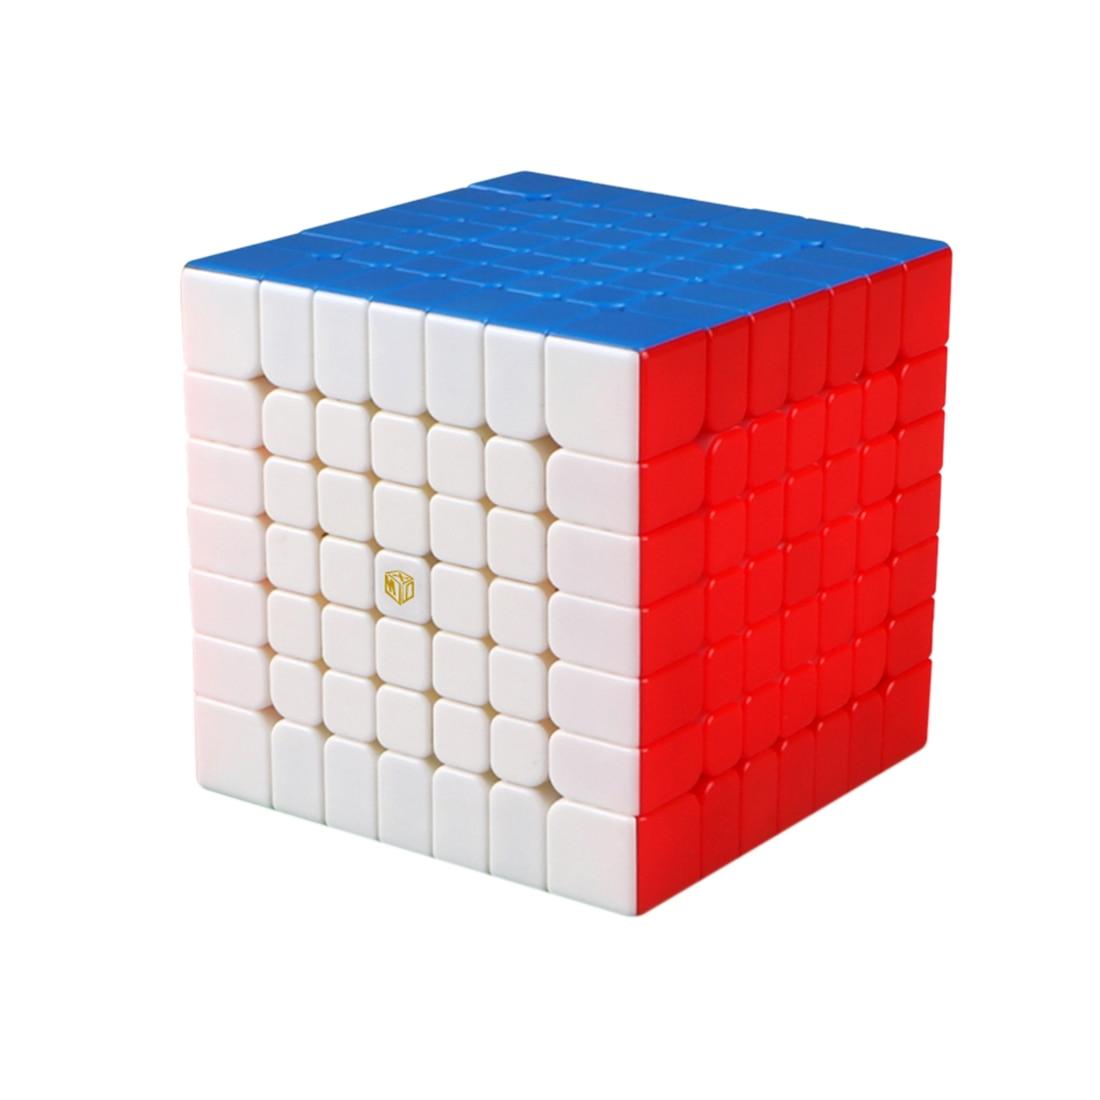 Qiyi x-man Spark 7X7x7 magnétisme Cube magique jouets éducatifs pour l'entraînement du cerveau-coloré